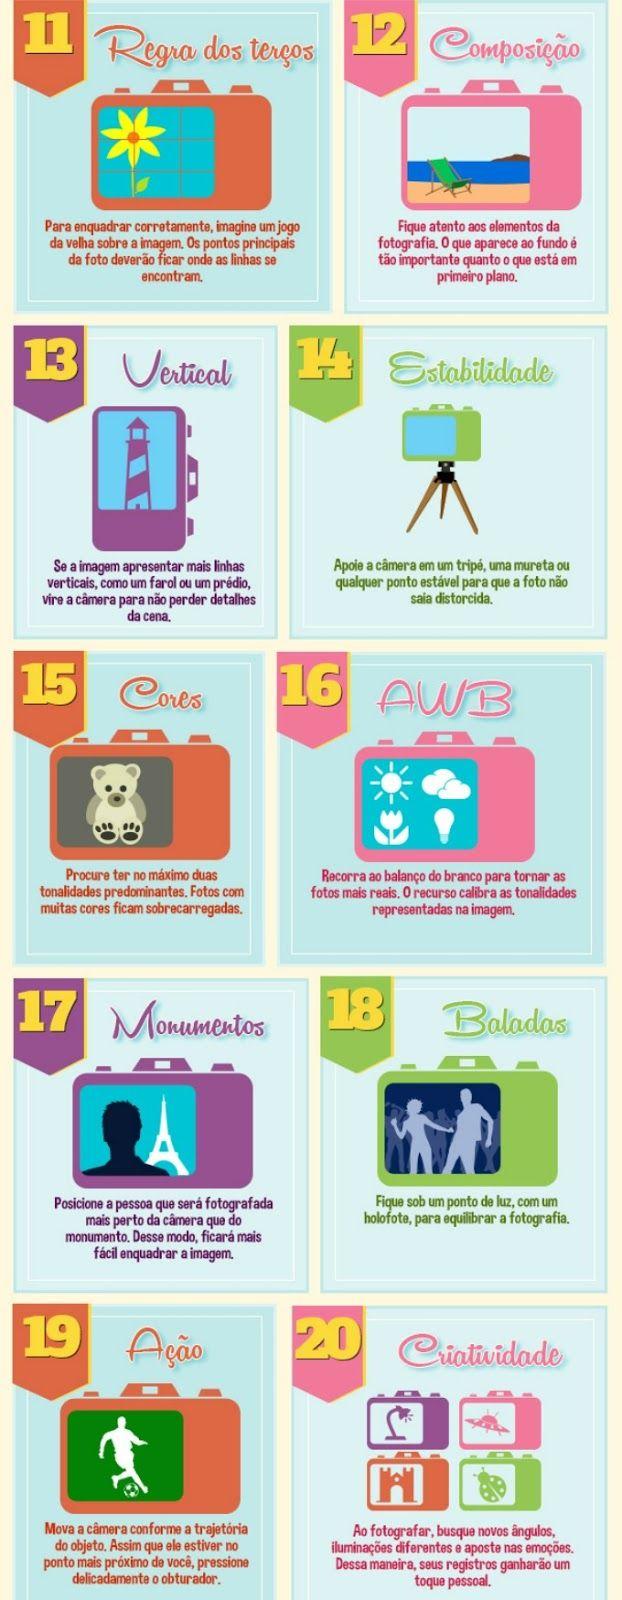 20 dicas para tirar fotos legais